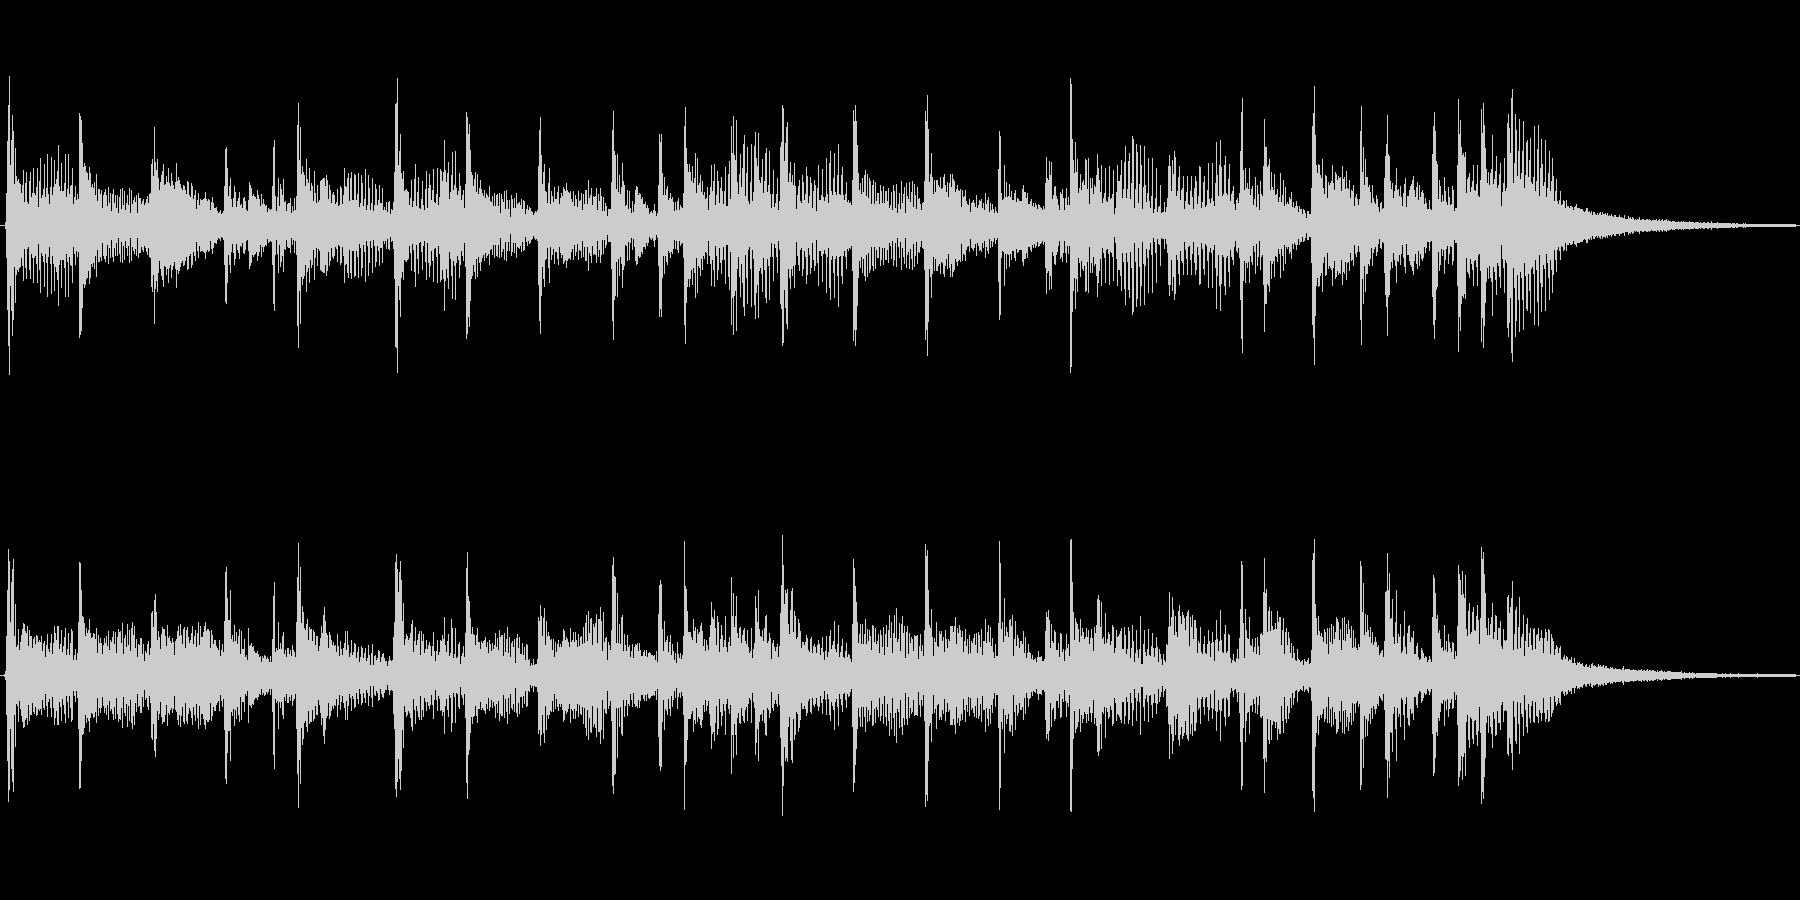 シンプルに下降するフュージョンジングルの未再生の波形